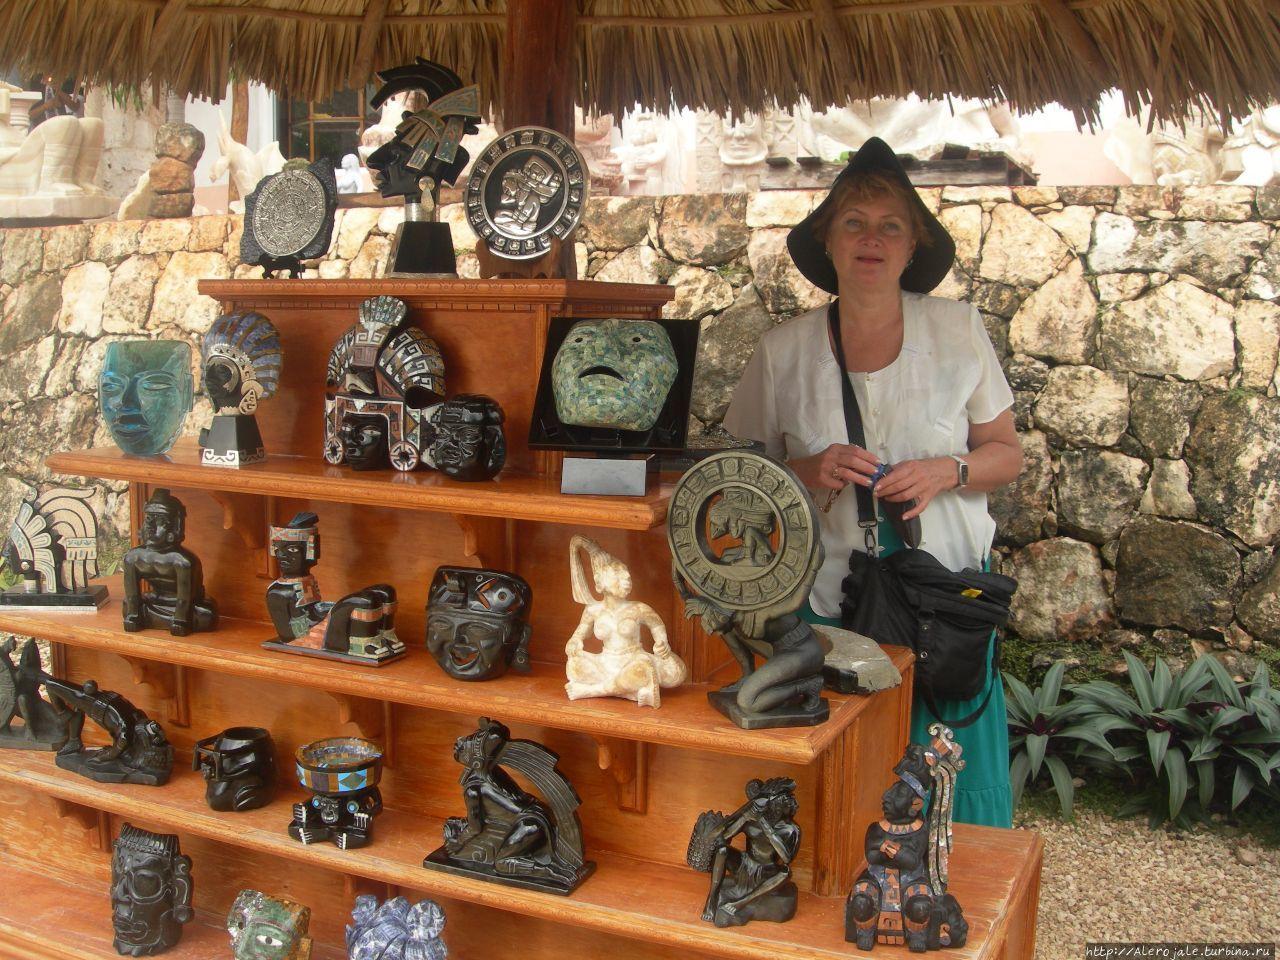 Сувениры из отборного камня Чичен-Ица город майя, Мексика